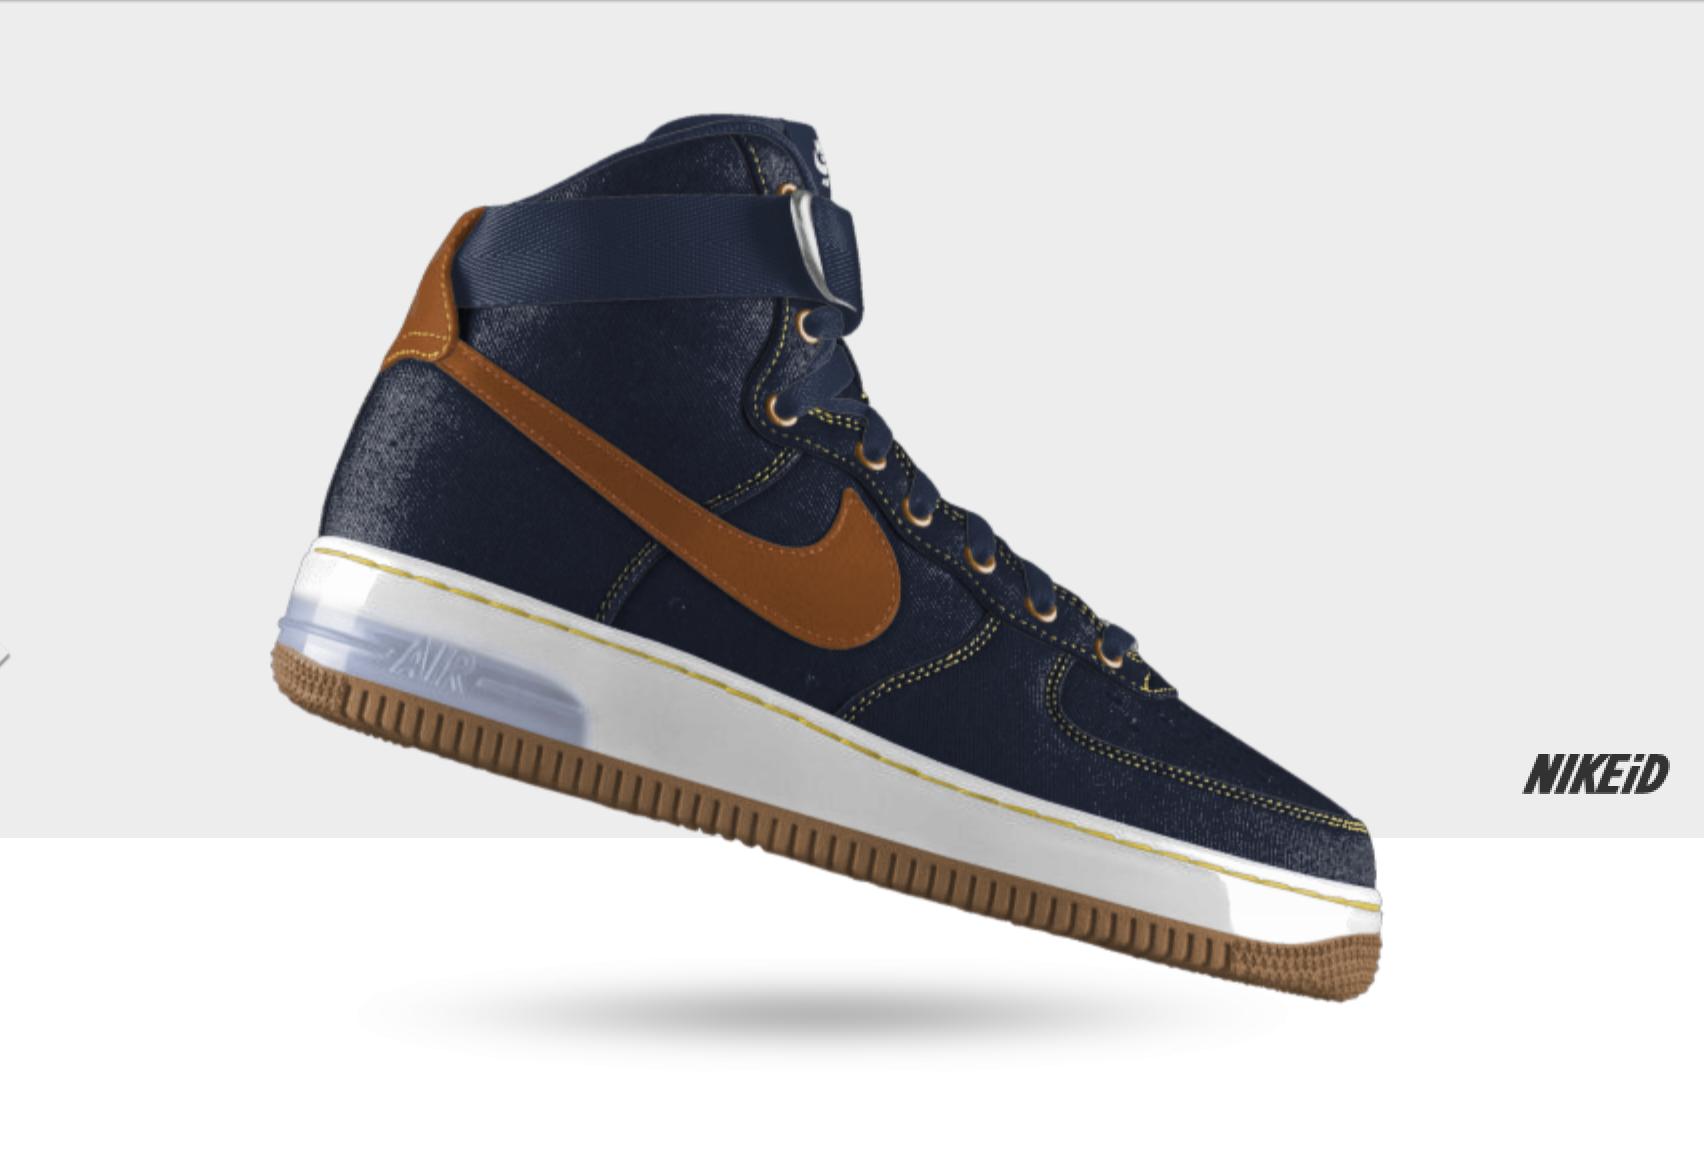 Nike Air Force 1 iD Denim and Goat